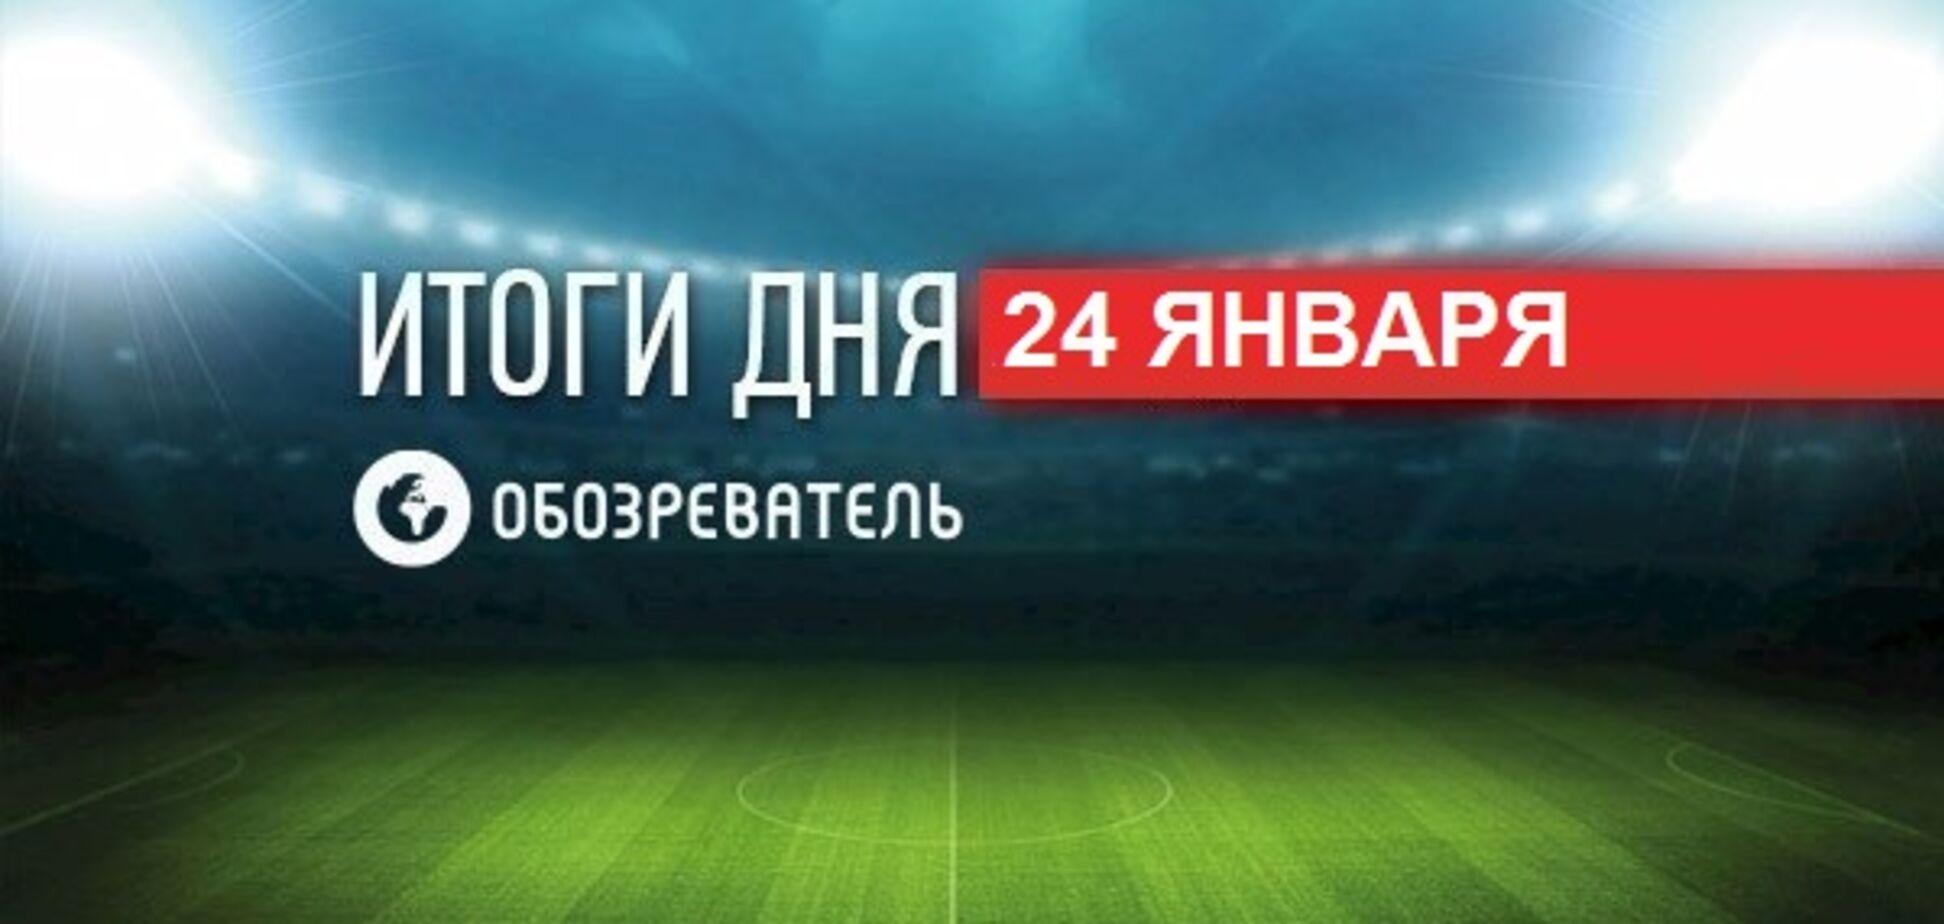 С Украиной и РФ произошел курьез на жеребьевке Лиги наций: спортивные итоги 24 января